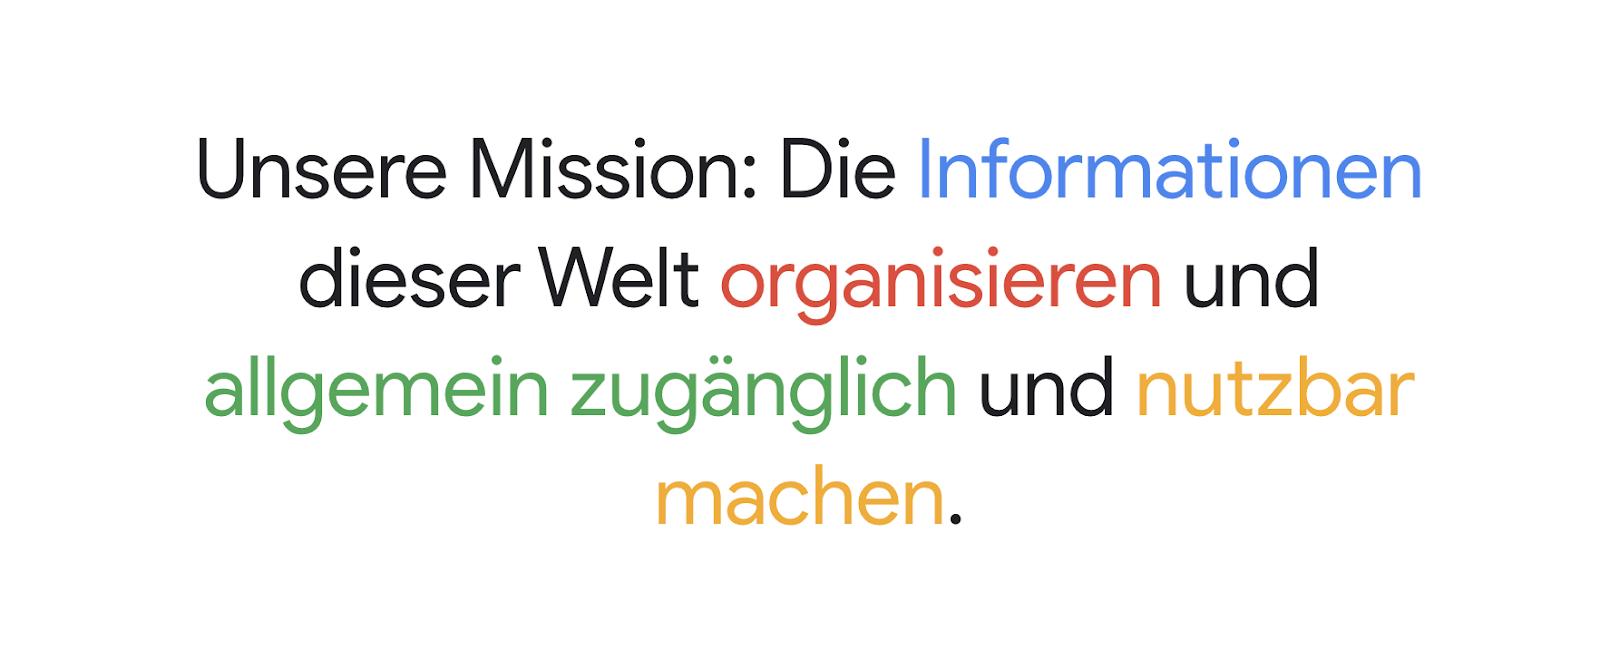 Google Mission als Quelle für einen klaren Purpose